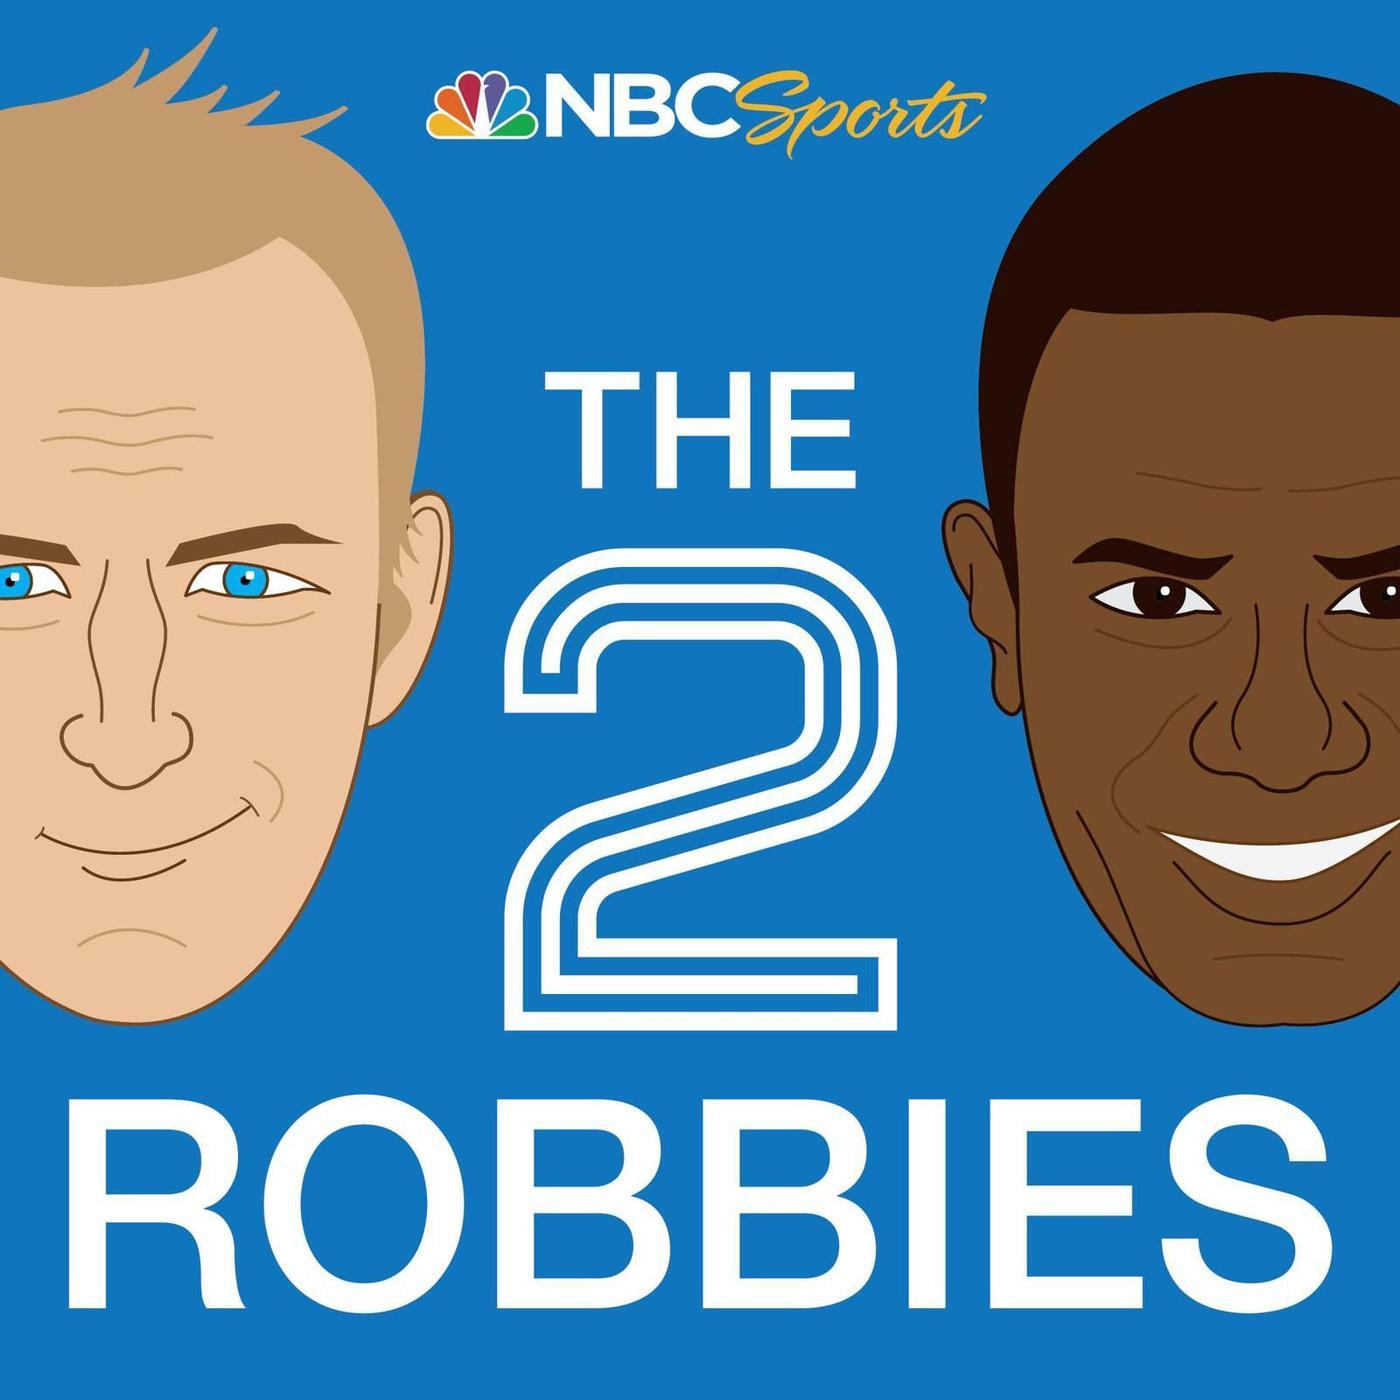 2 Robbies